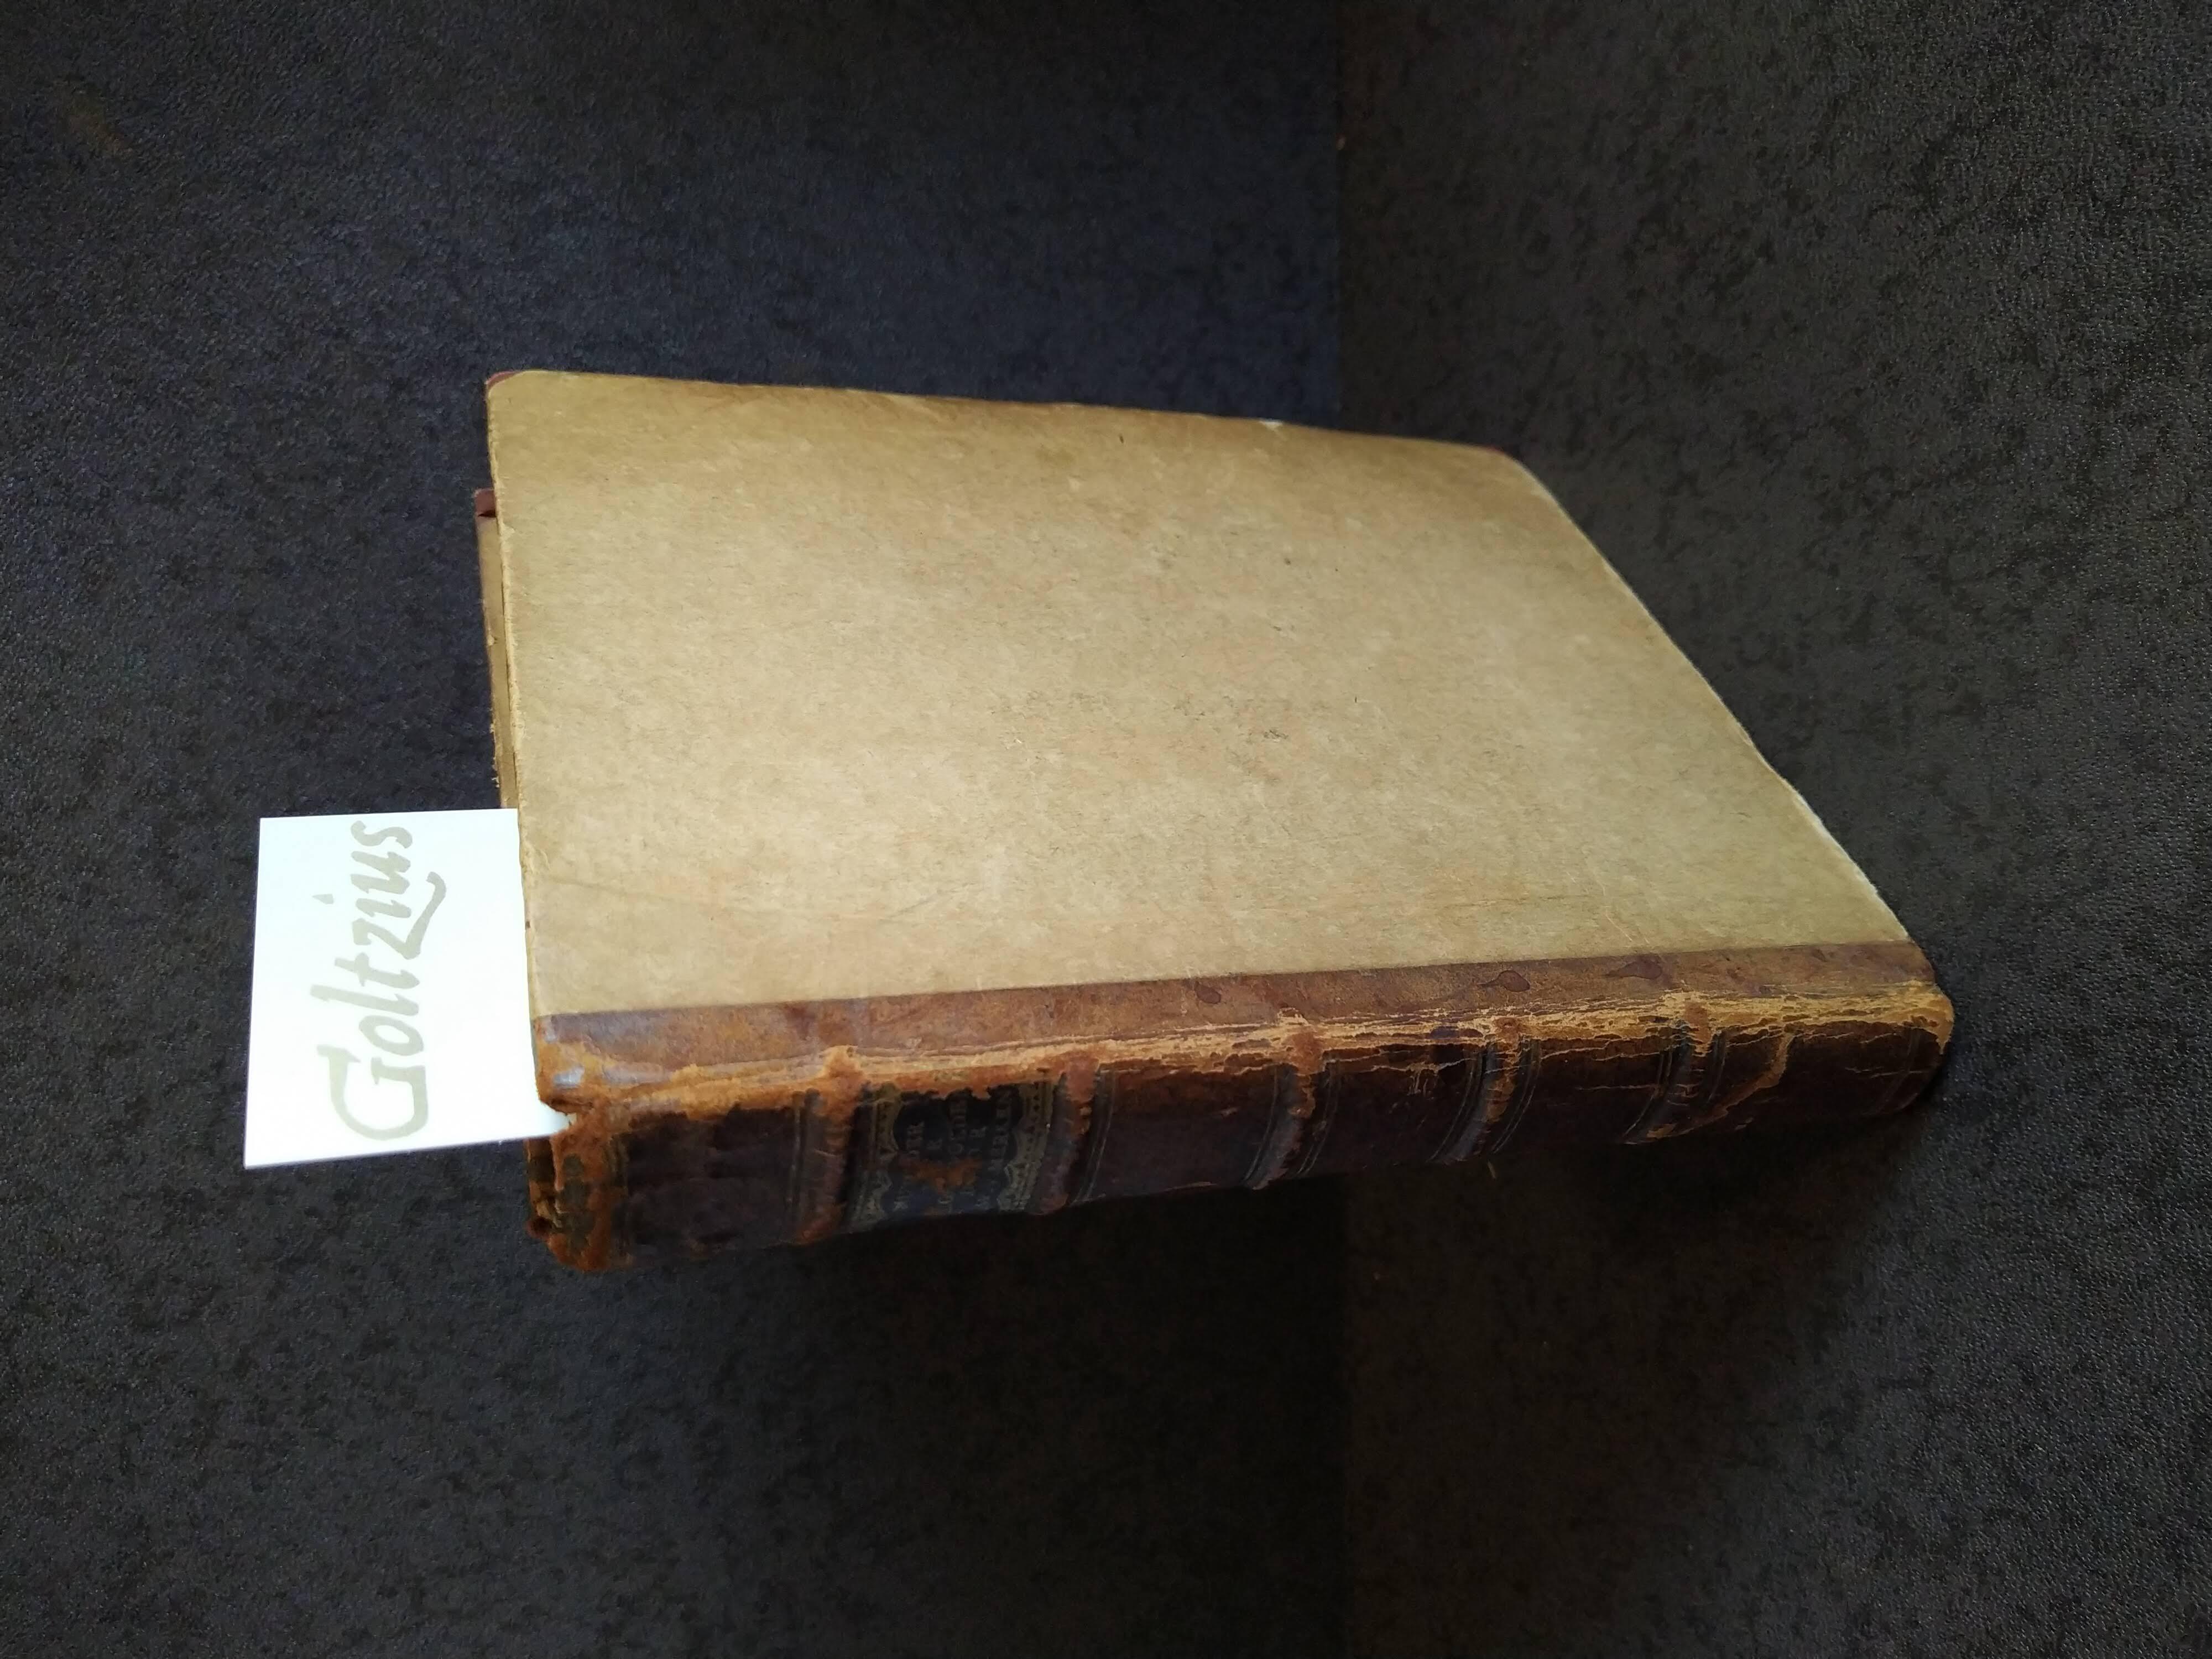 MERKEN, LUCRETIA WILHELMINA VAN, Het nut der tegenspoeden, Brieven en andere gedichten. Van Lucretia Wilhelmina van Merken. Tweede druk.